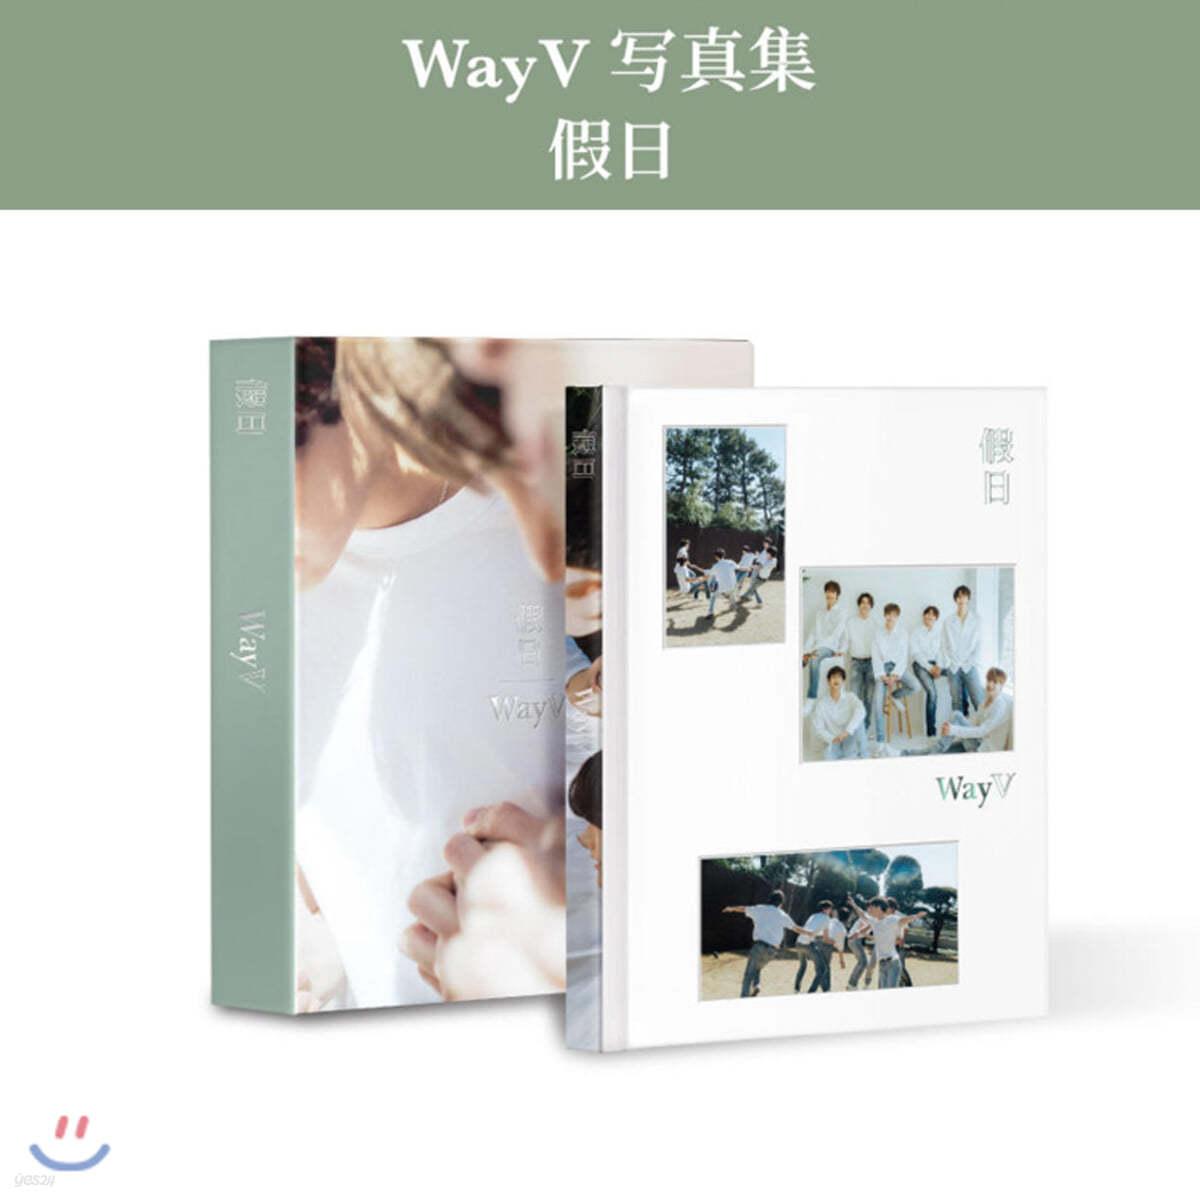 [중국판] WayV 웨이션V 사진집 : 휴일 (헨드리 ver.)